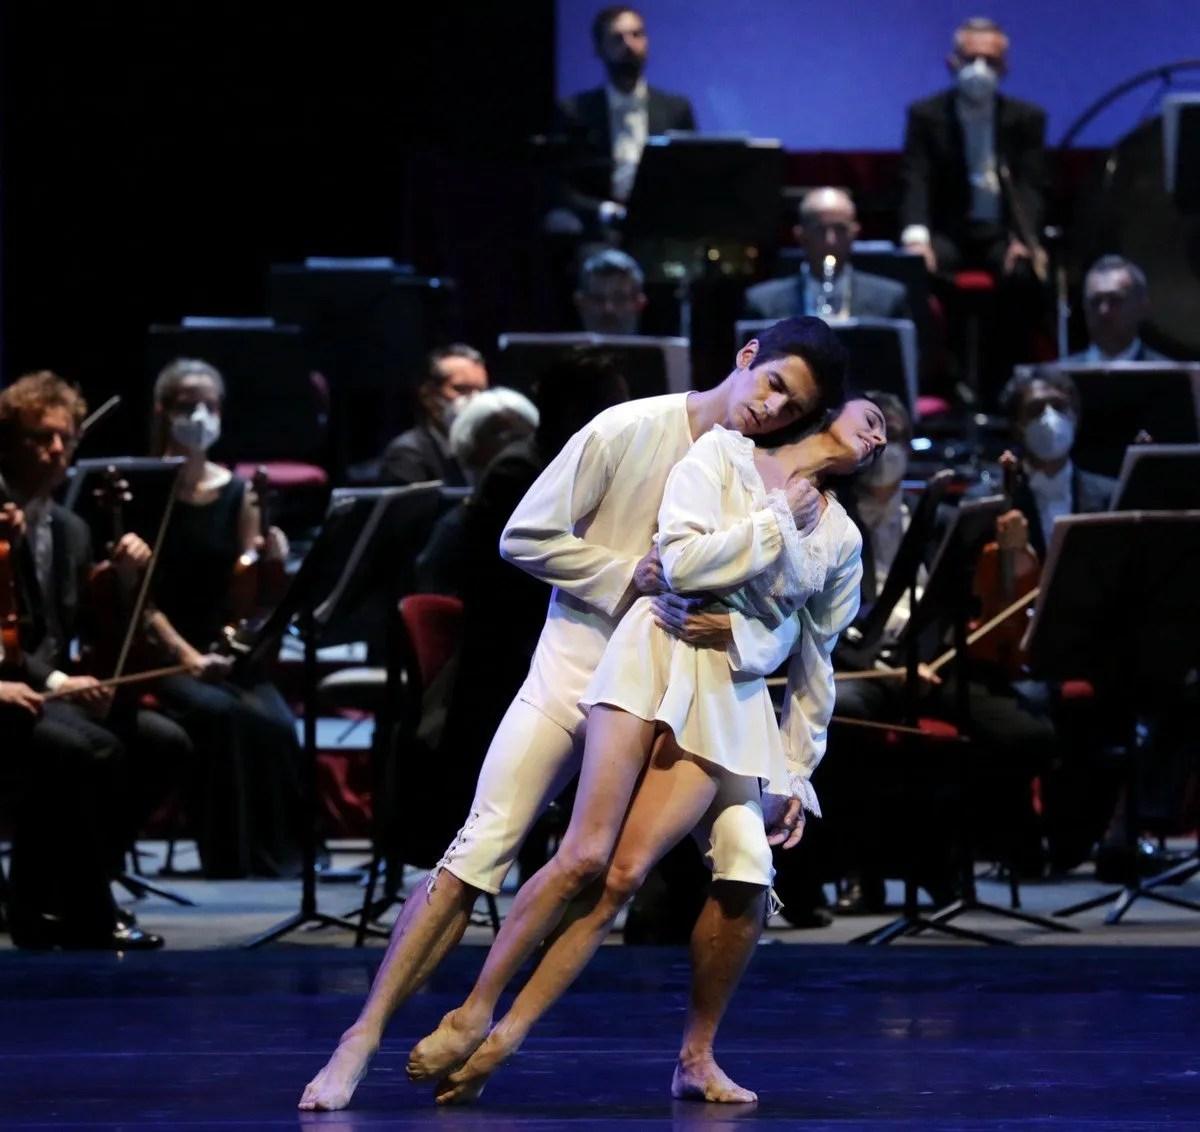 Ballet Gala - Le Parc - Alessanrda Ferri Federico Bonelli, photo by Brescia e Amisano Teatro alla Scala (5)